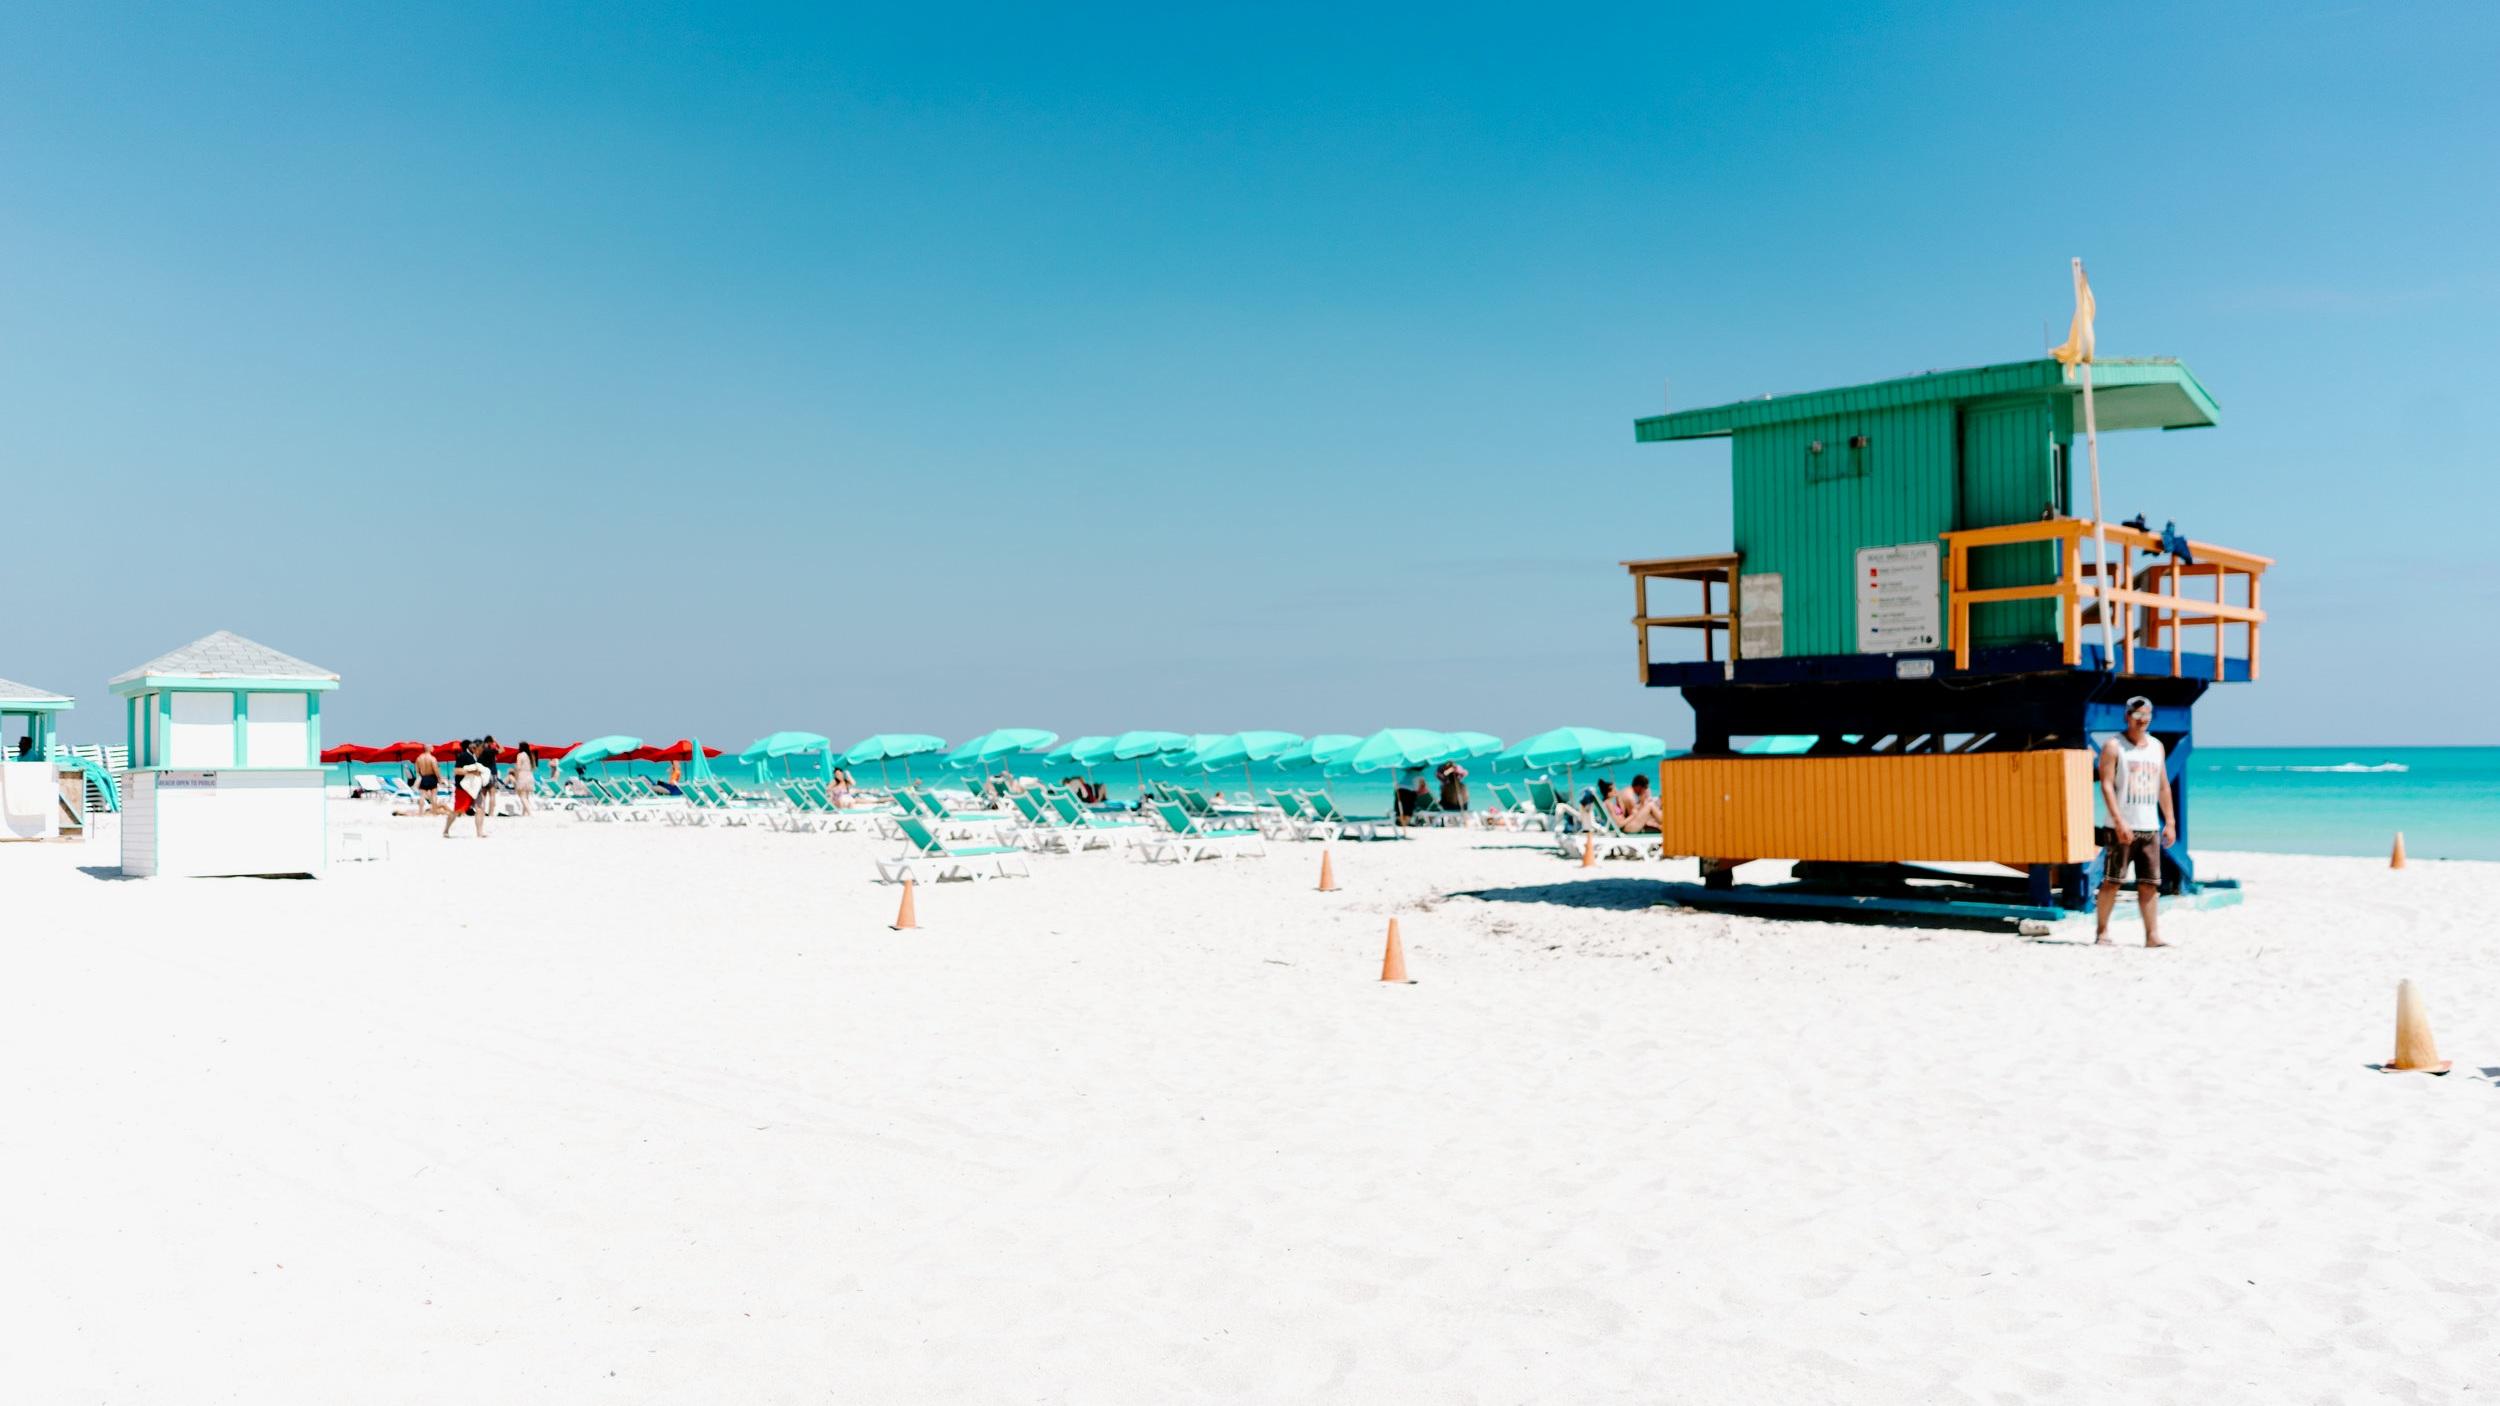 DAG 2-3 - Miami - Njut av avslappnande dagar i Miami med sol, bad och promenader på härliga South Beach. Vi hjälper till med NHL, NFL, NBA biljetter, hyrbilsbokning och utflykter till Everglades mm.